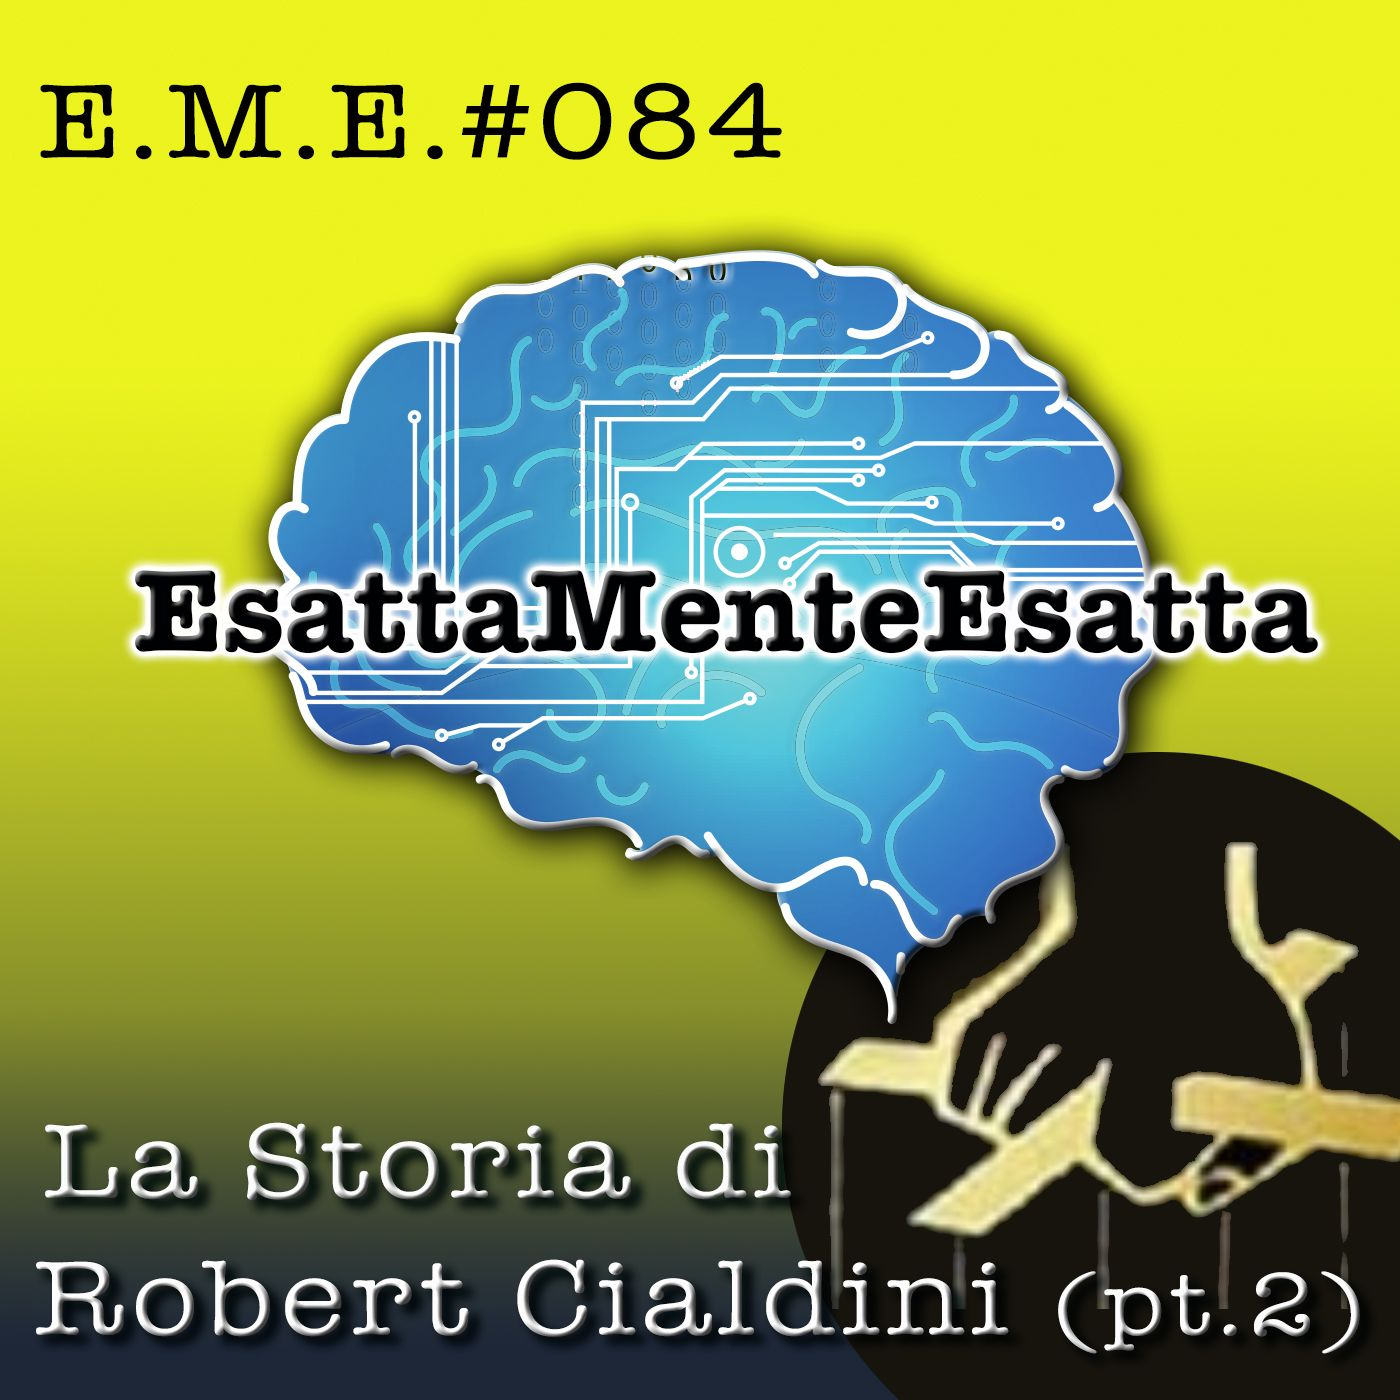 Come vendere: La storia di Robert Cialdini (parte seconda) #084